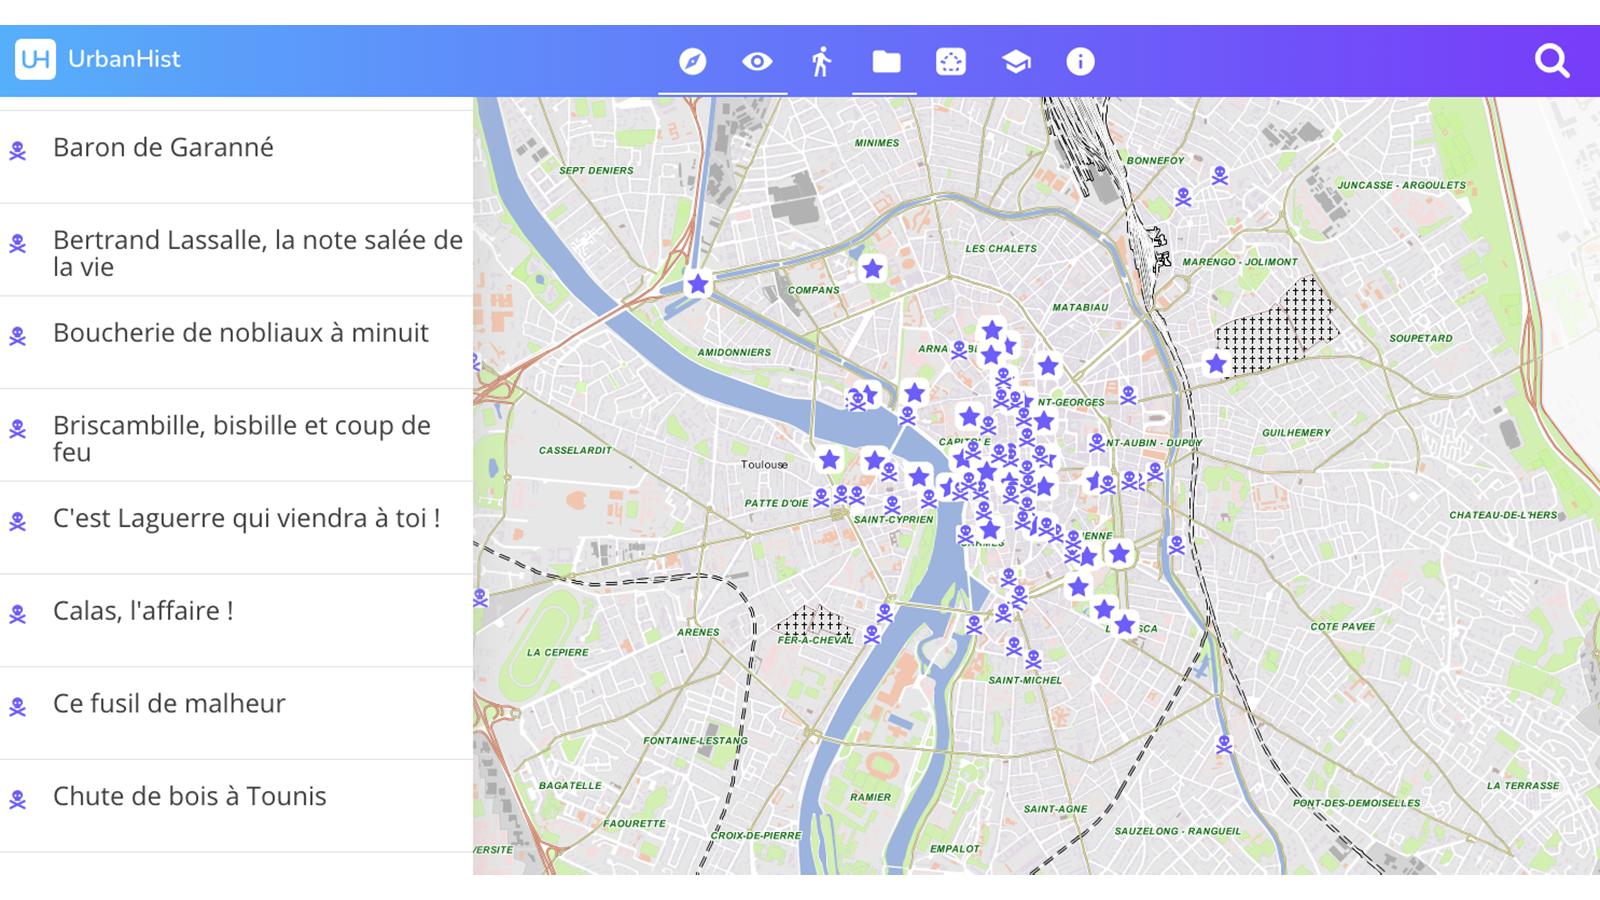 Das Portal UrbanHist von Toulouse